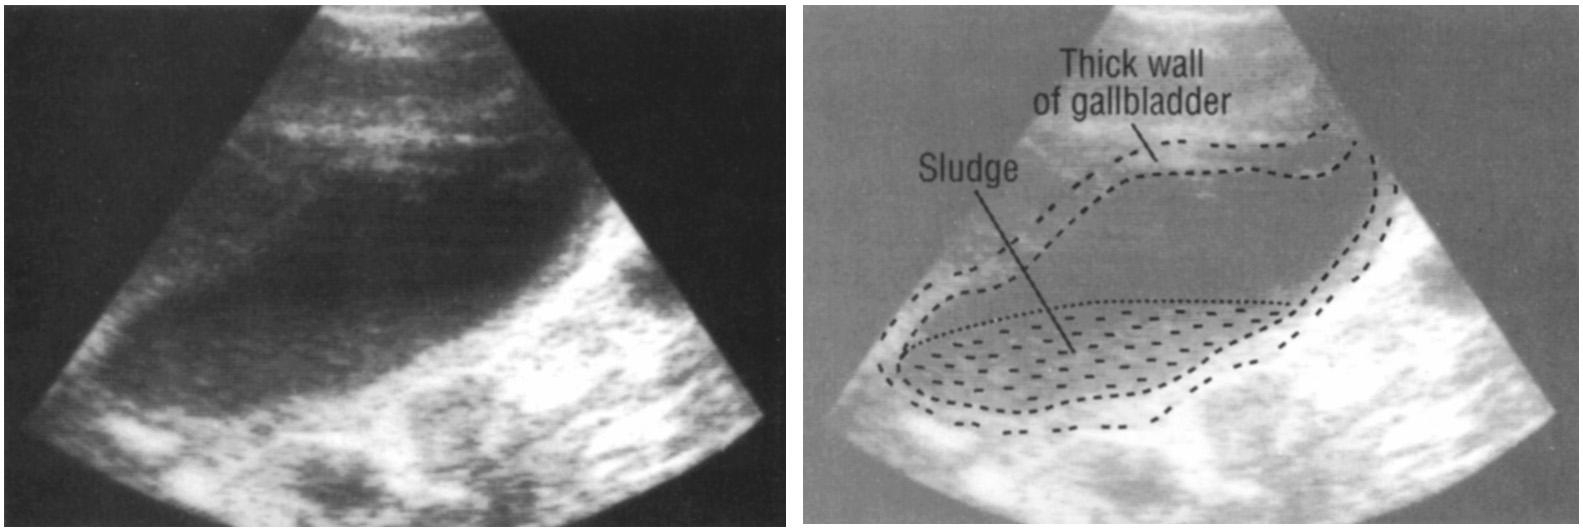 толщина стенки желчного пузыря в норме